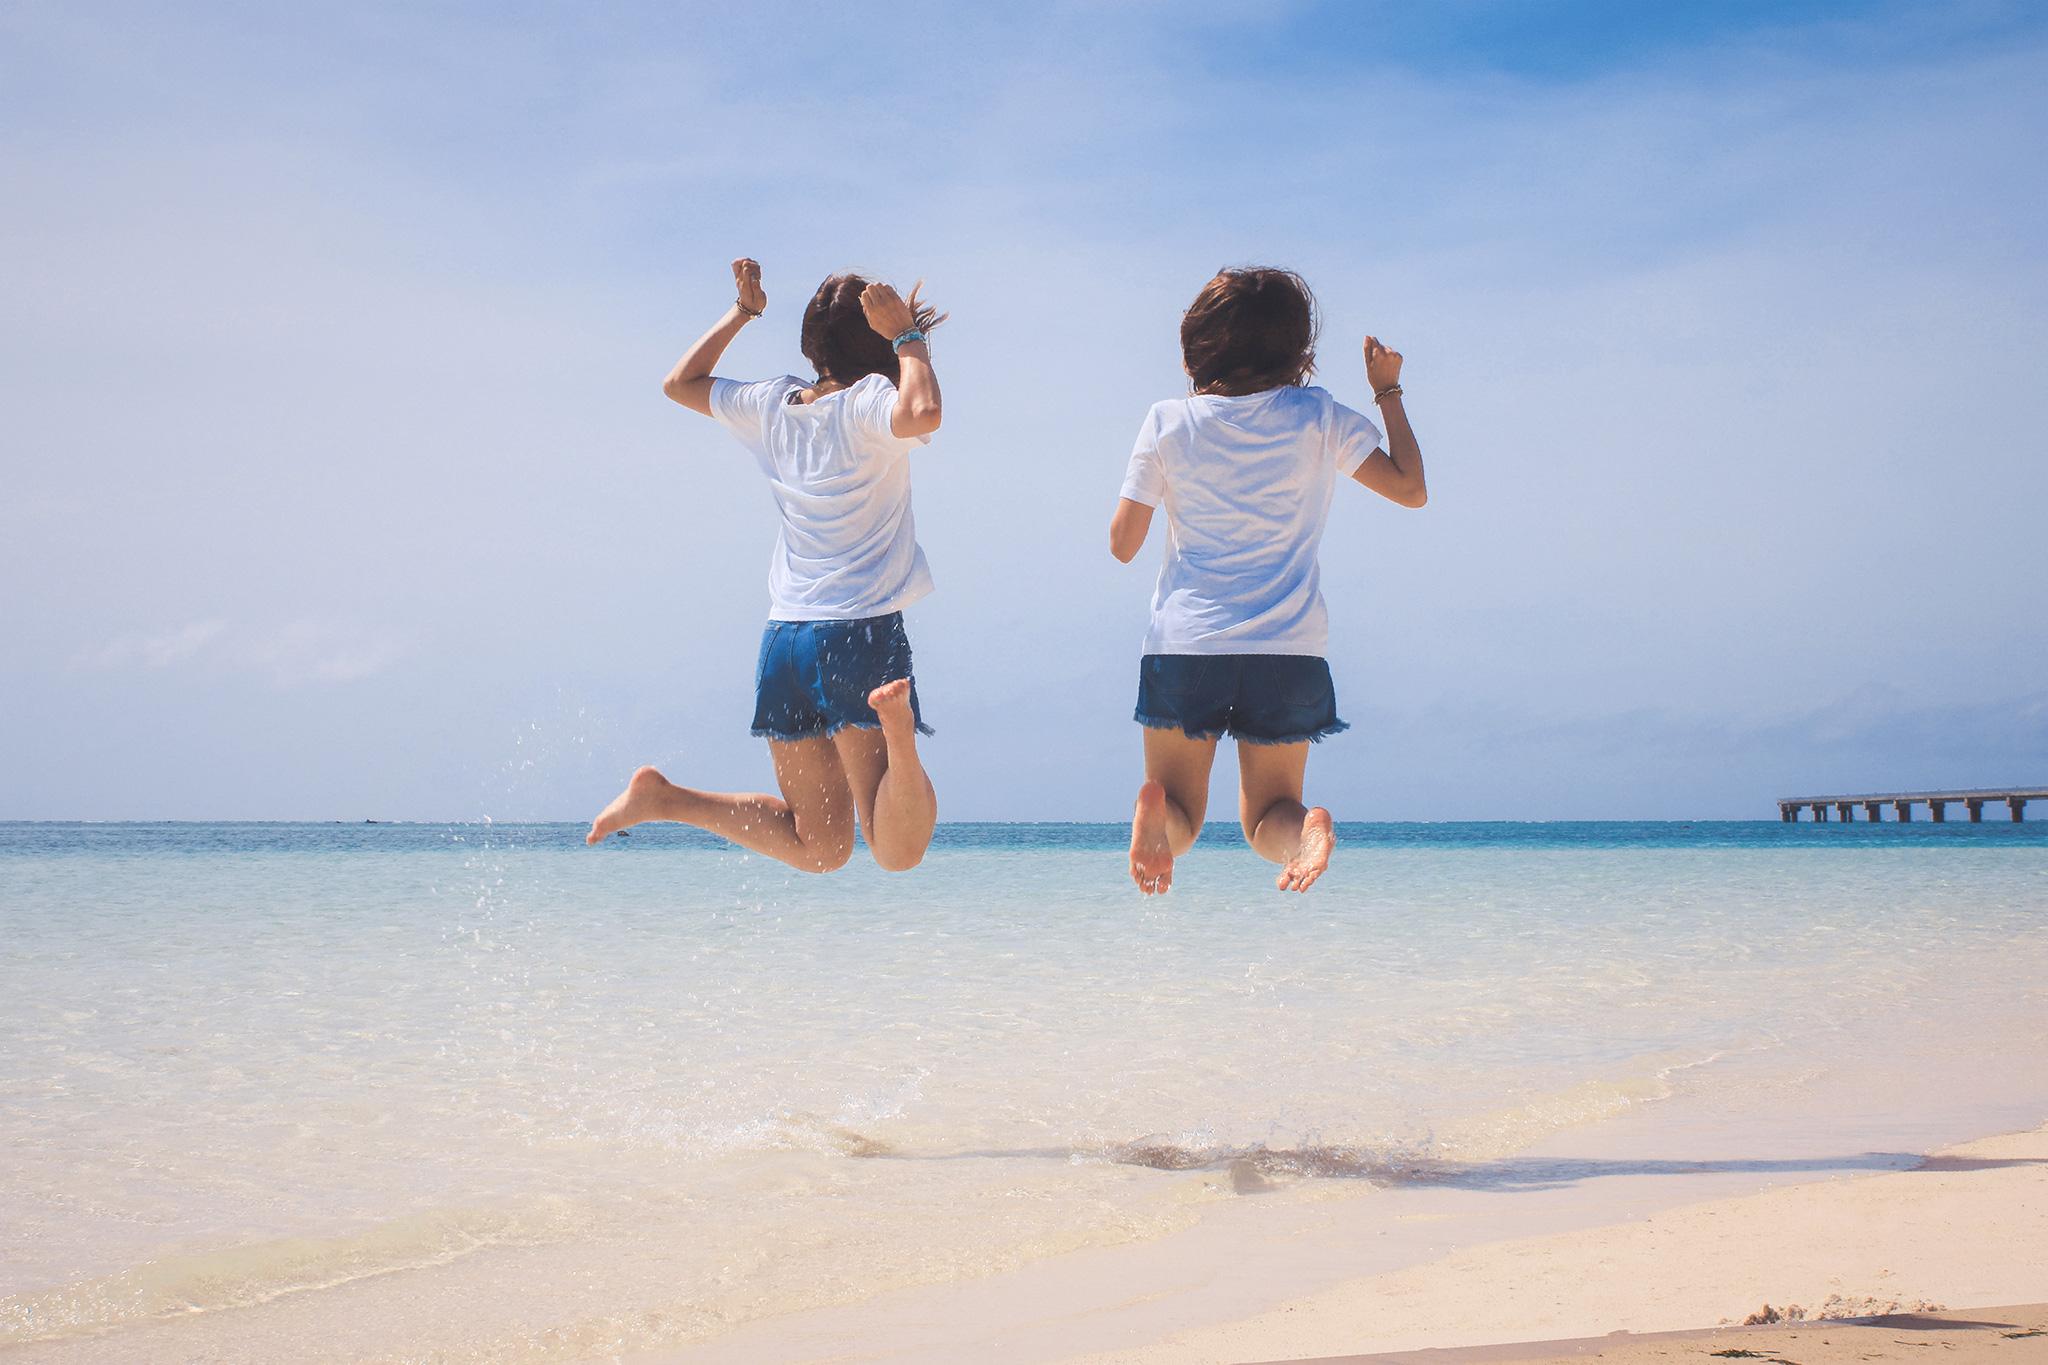 海を背景にジャンプする女性